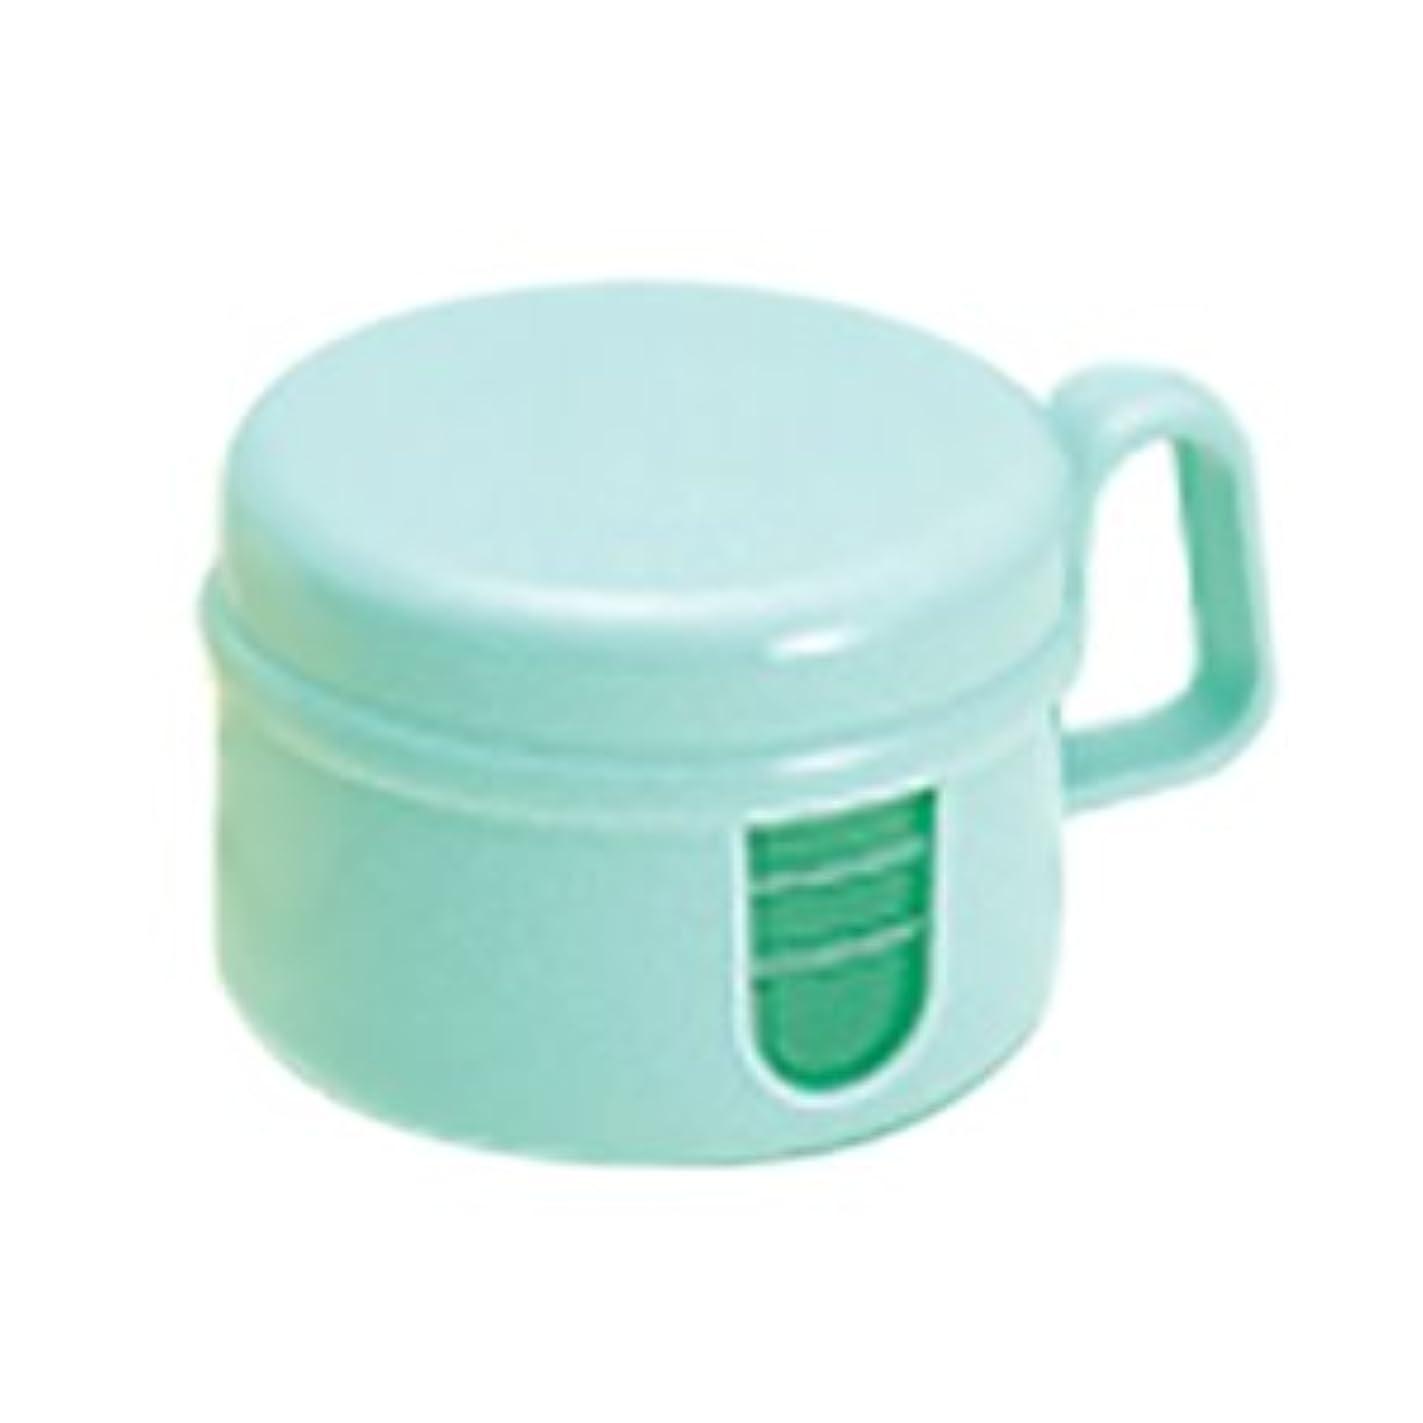 レルムお誕生日確かに松風 ピカ 入れ歯 洗浄保存容器 グリーン